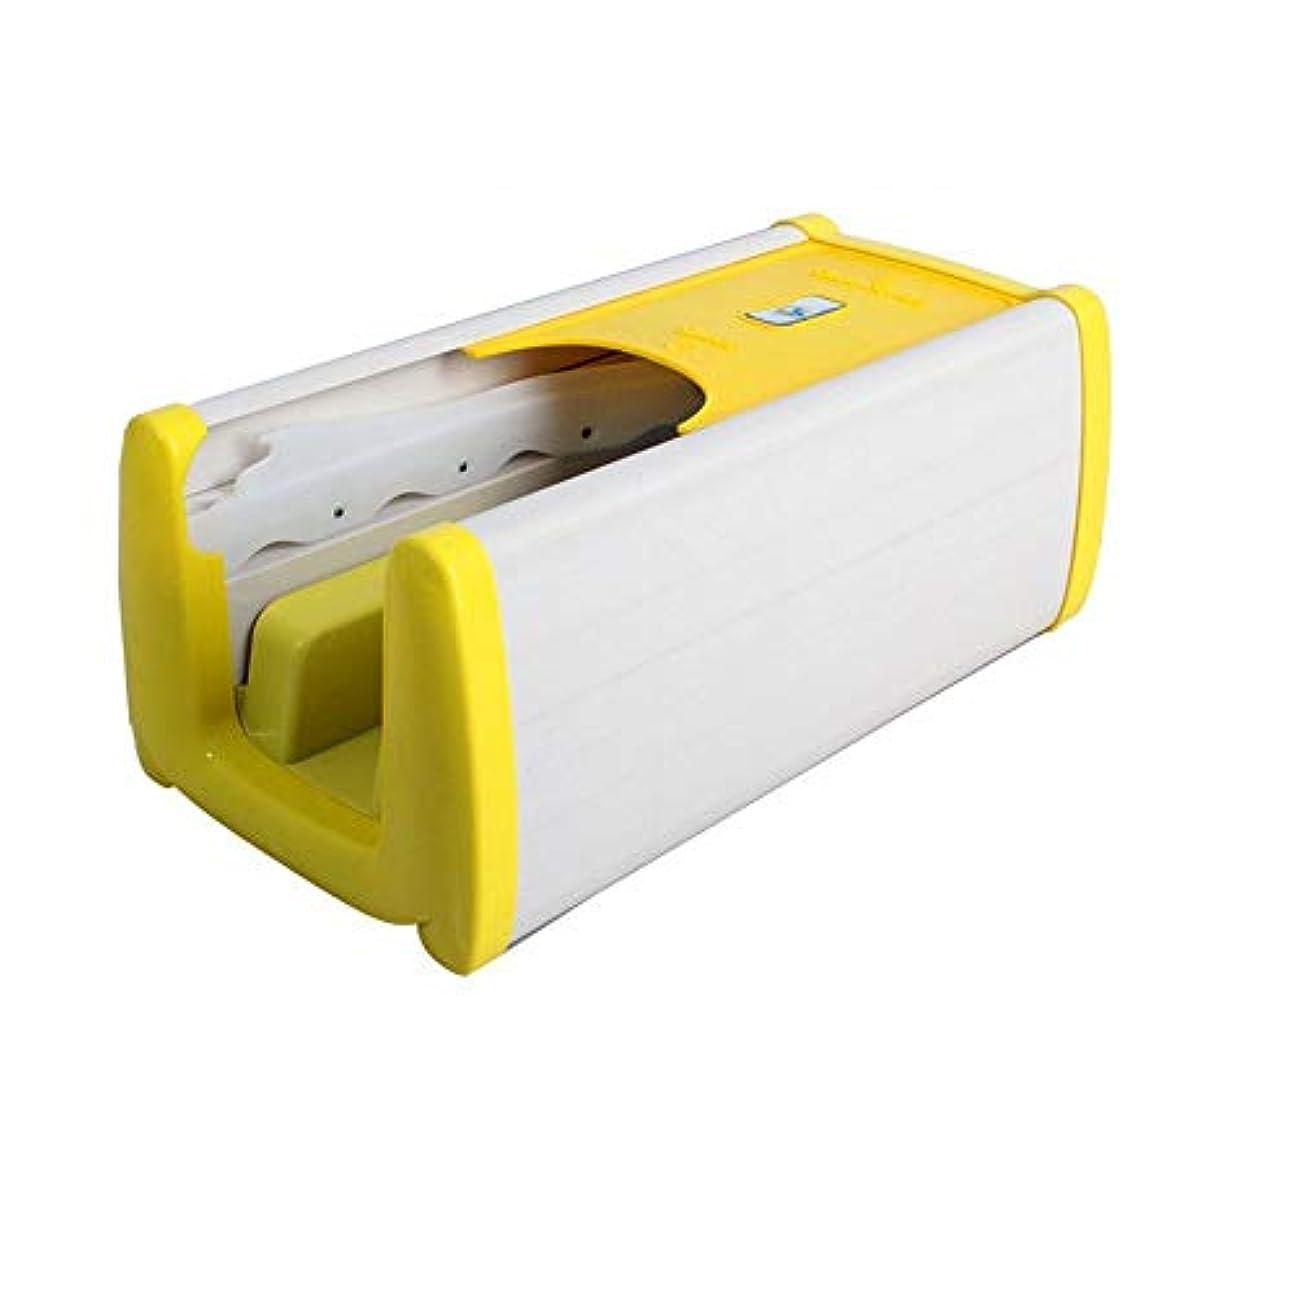 ダイアクリティカル動的滅多家庭用靴カバーマシン連続自動靴カバーマシンドラッグ型オーバーシューズマシンホームオフィス自己使用の小さな環境保護 (Color : Yellow)